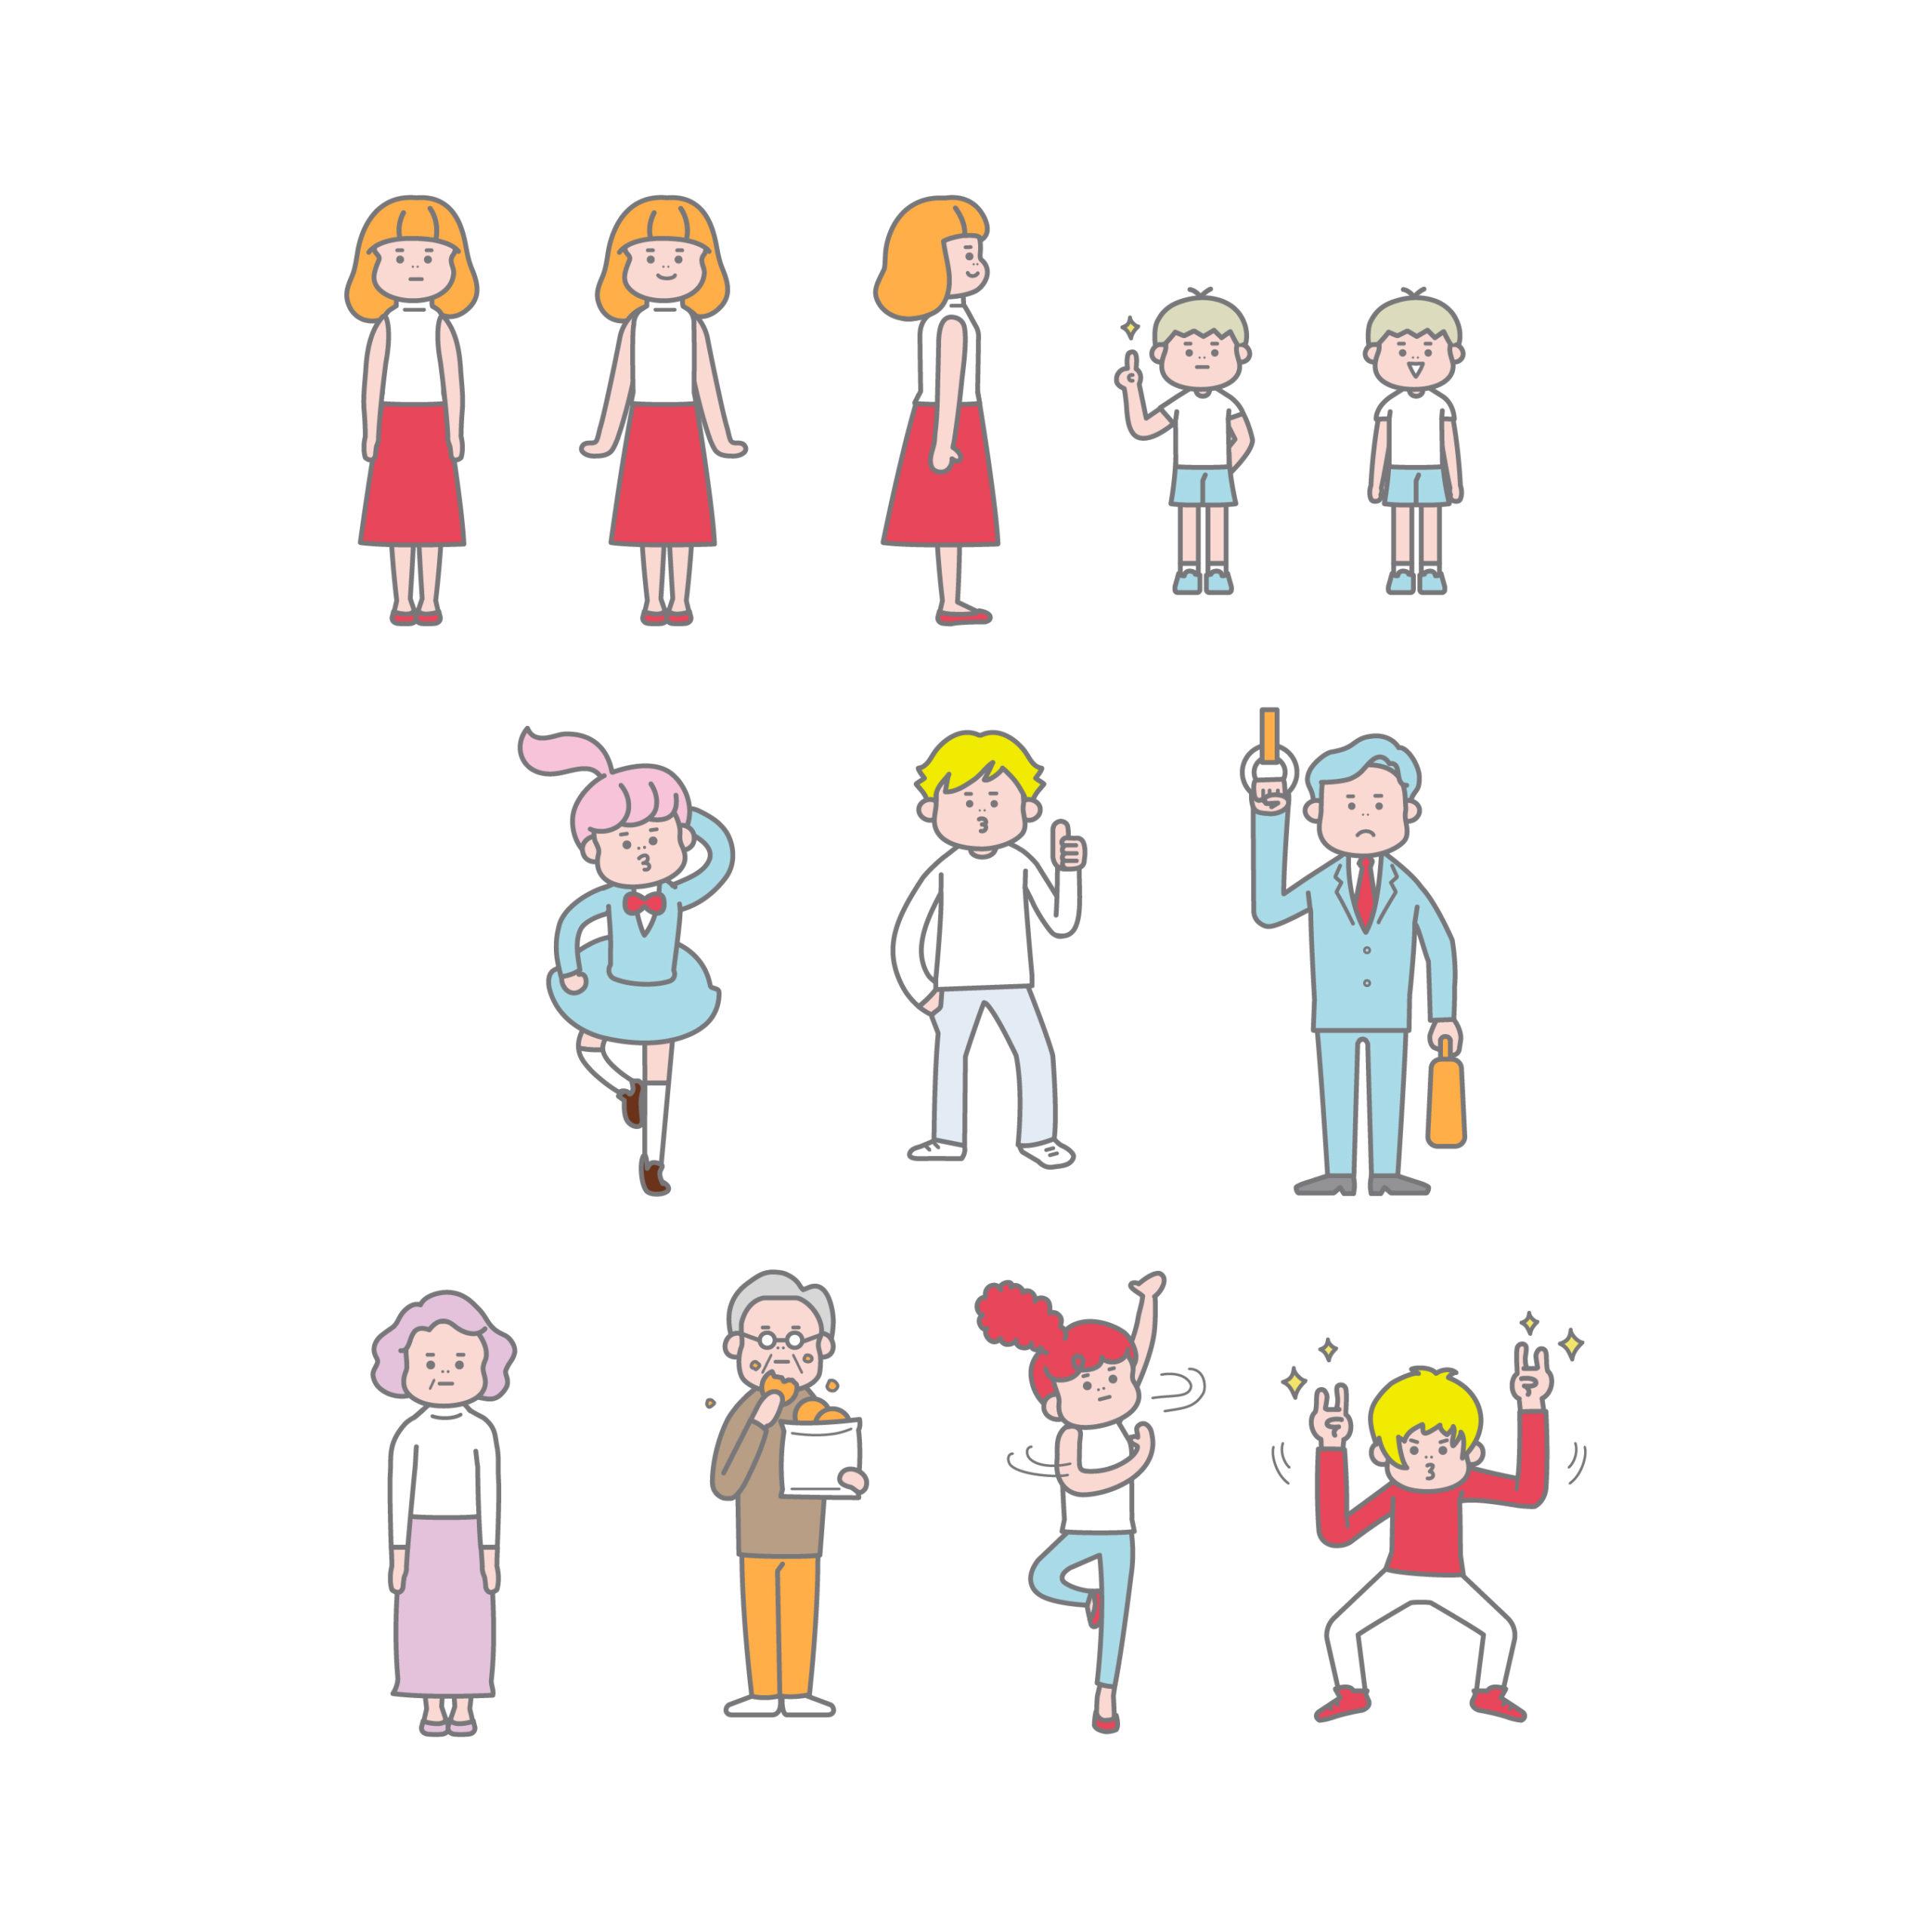 おもしろ・かわいい系人物イラスト(illust8)